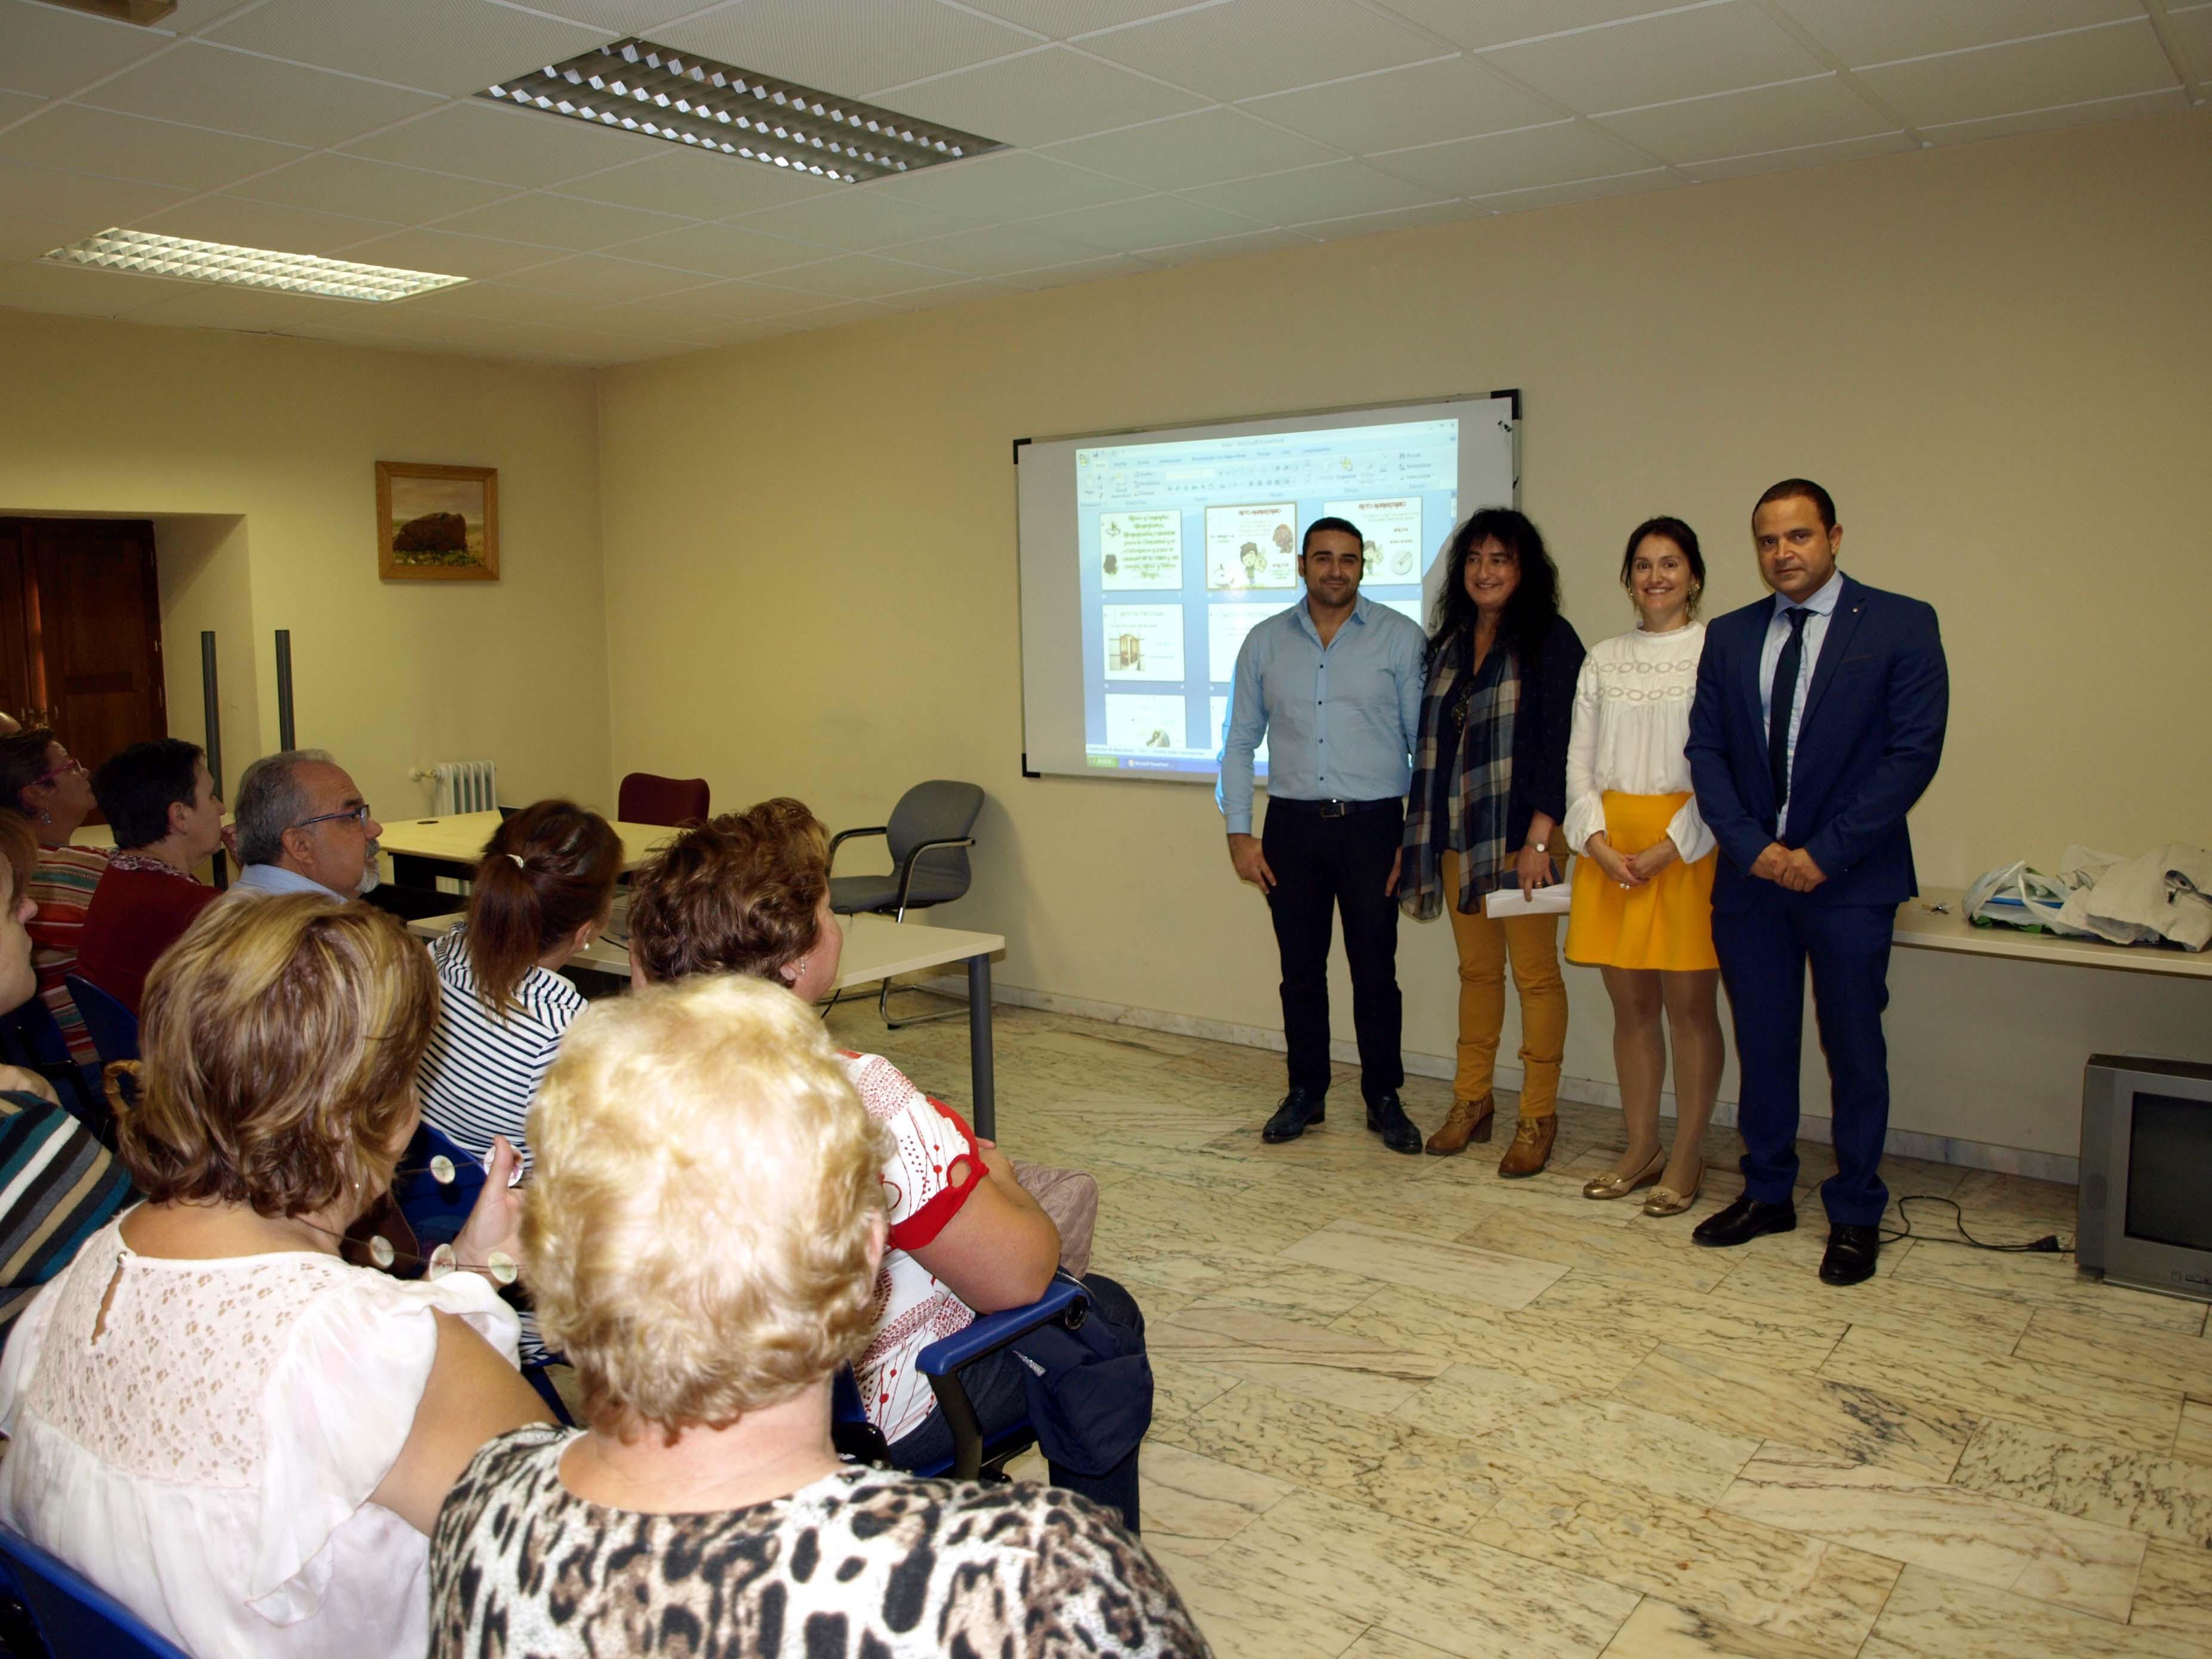 TINEO.-Inaugurado el programa trimestral de la Escuela de Salud del Ayuntamiento de Tineo